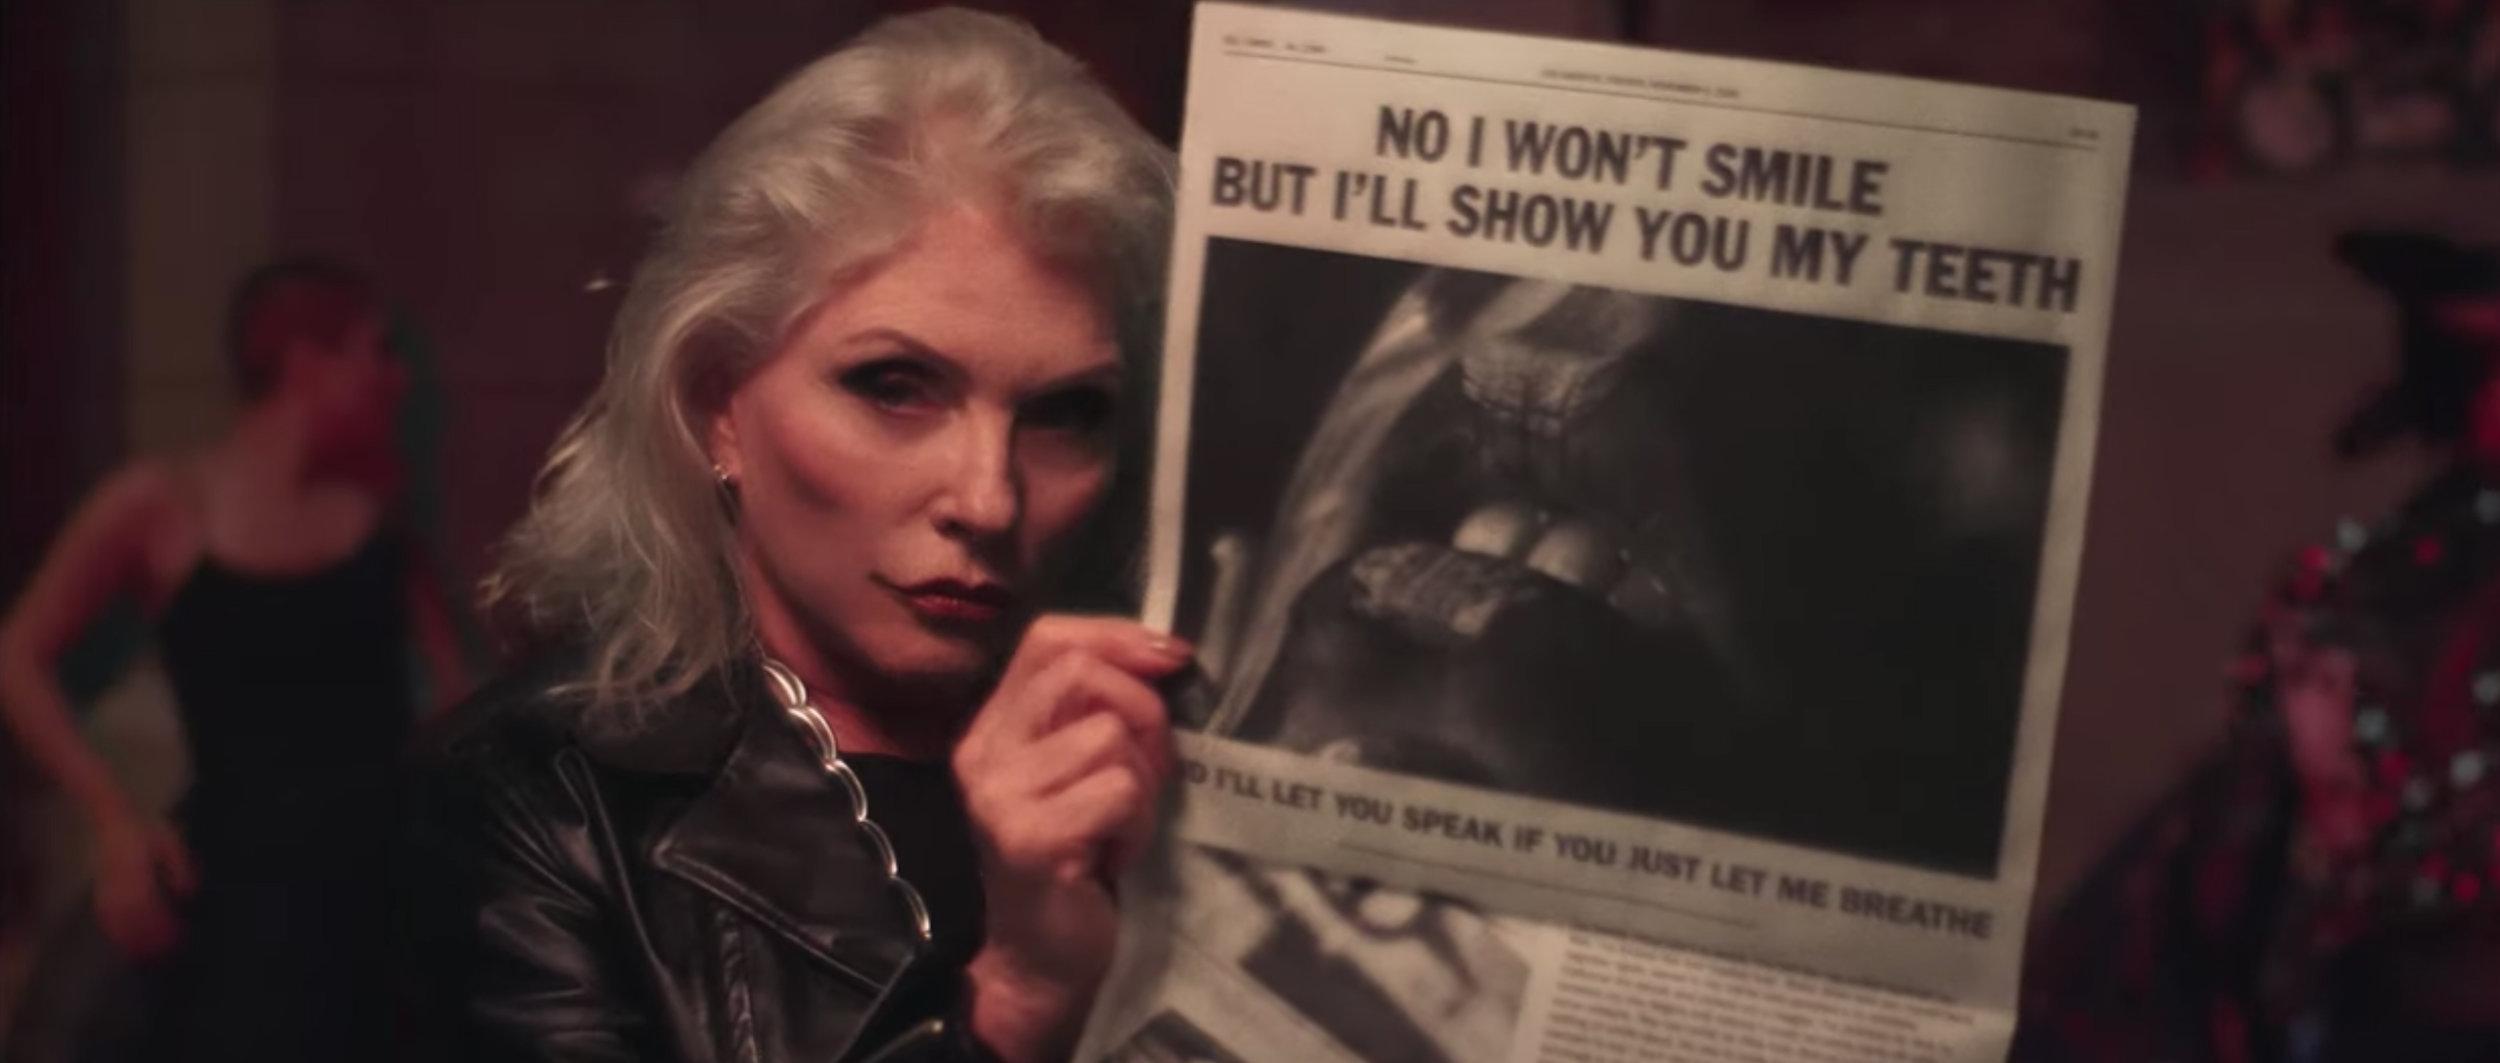 Debbie Harry of Blondie holding the newspaper.